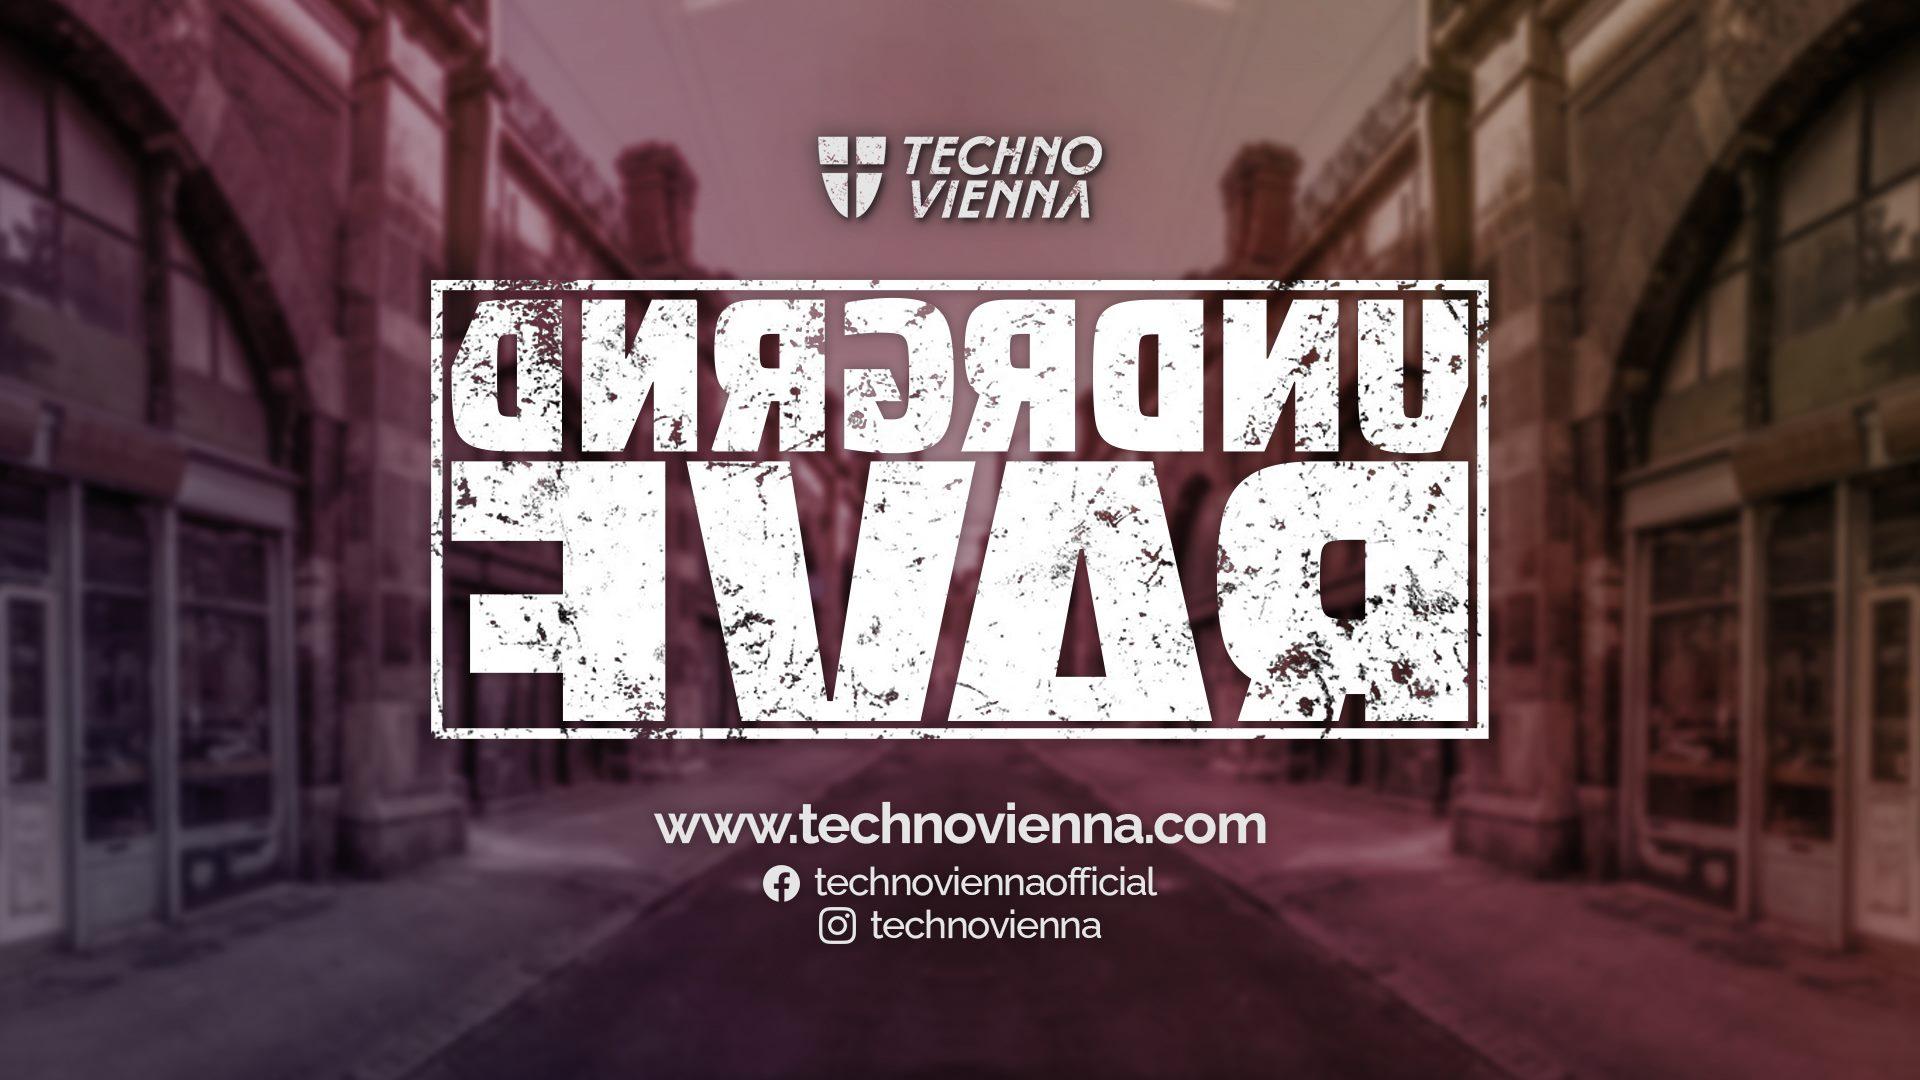 Events Wien: UNDRGRND RAVE¹ x TECHNO VIENNA